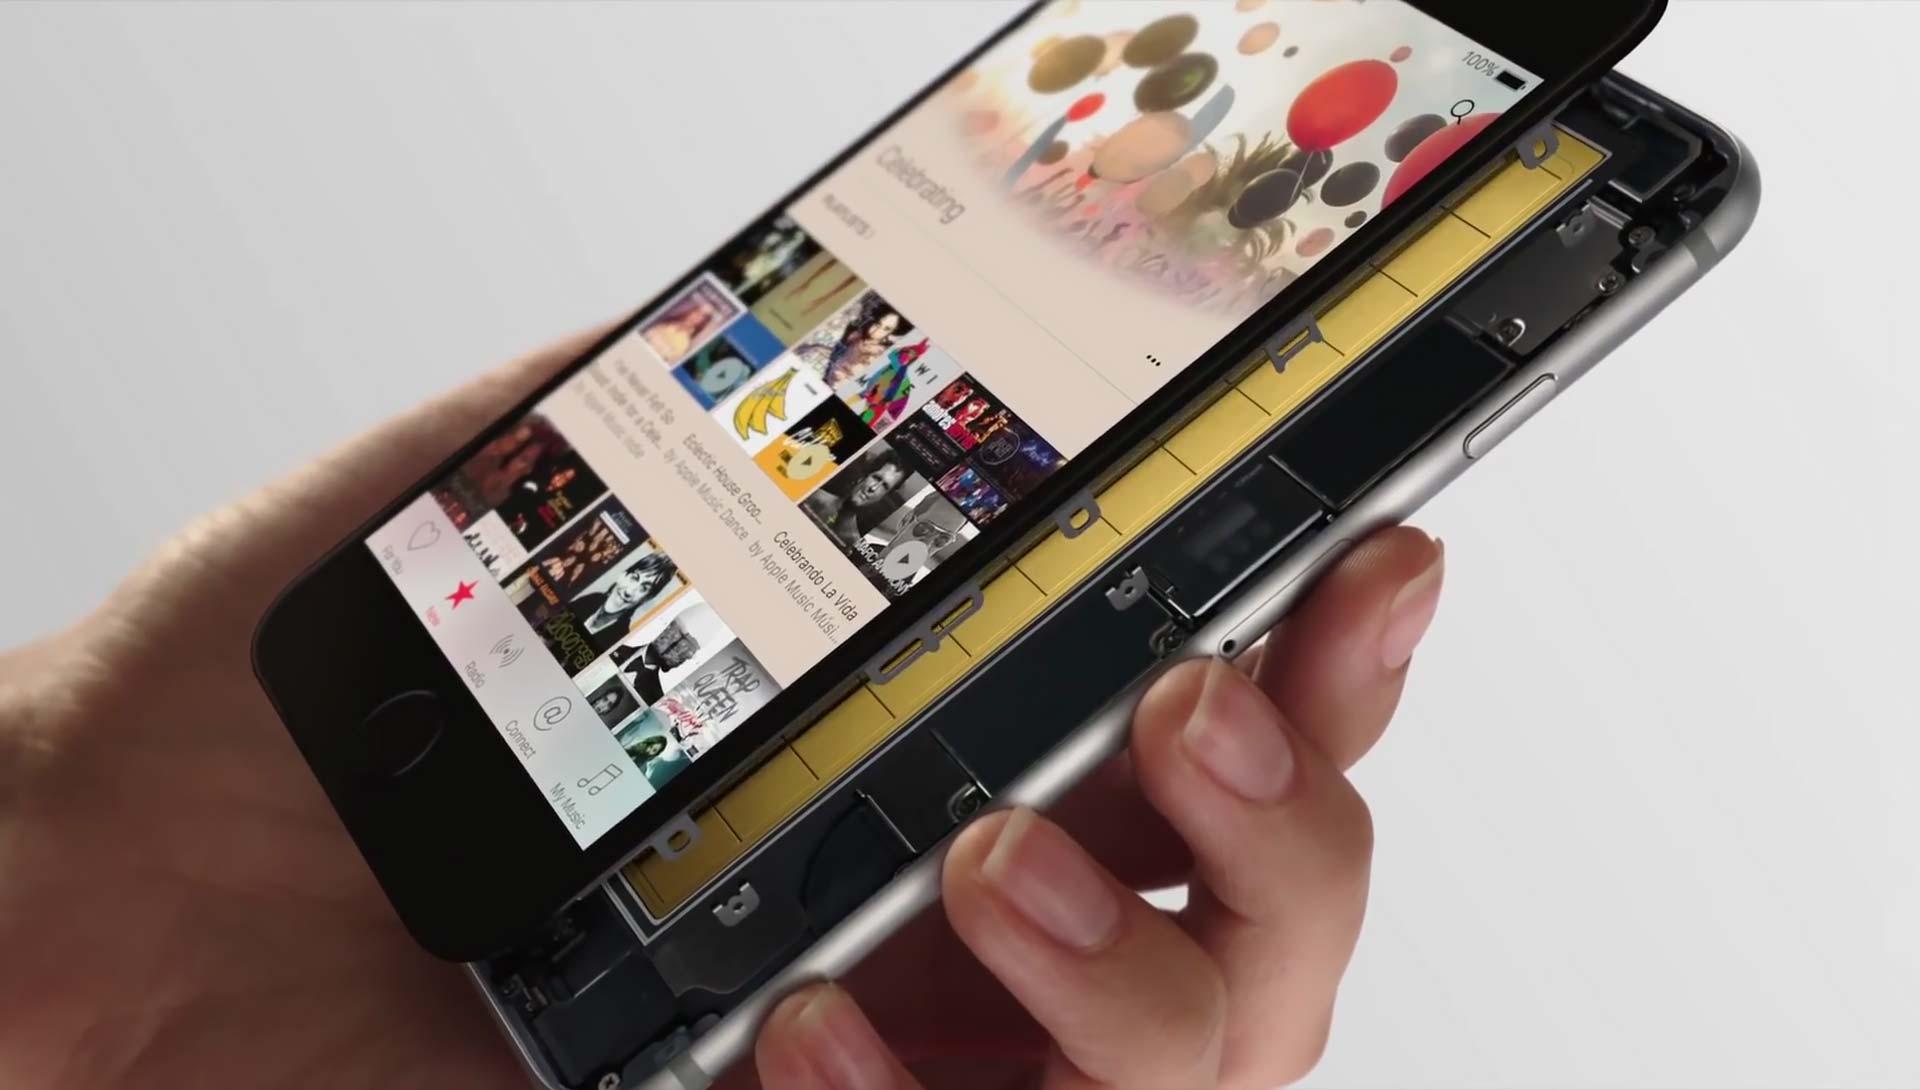 تقنية 3D Touch في الايفون 6s